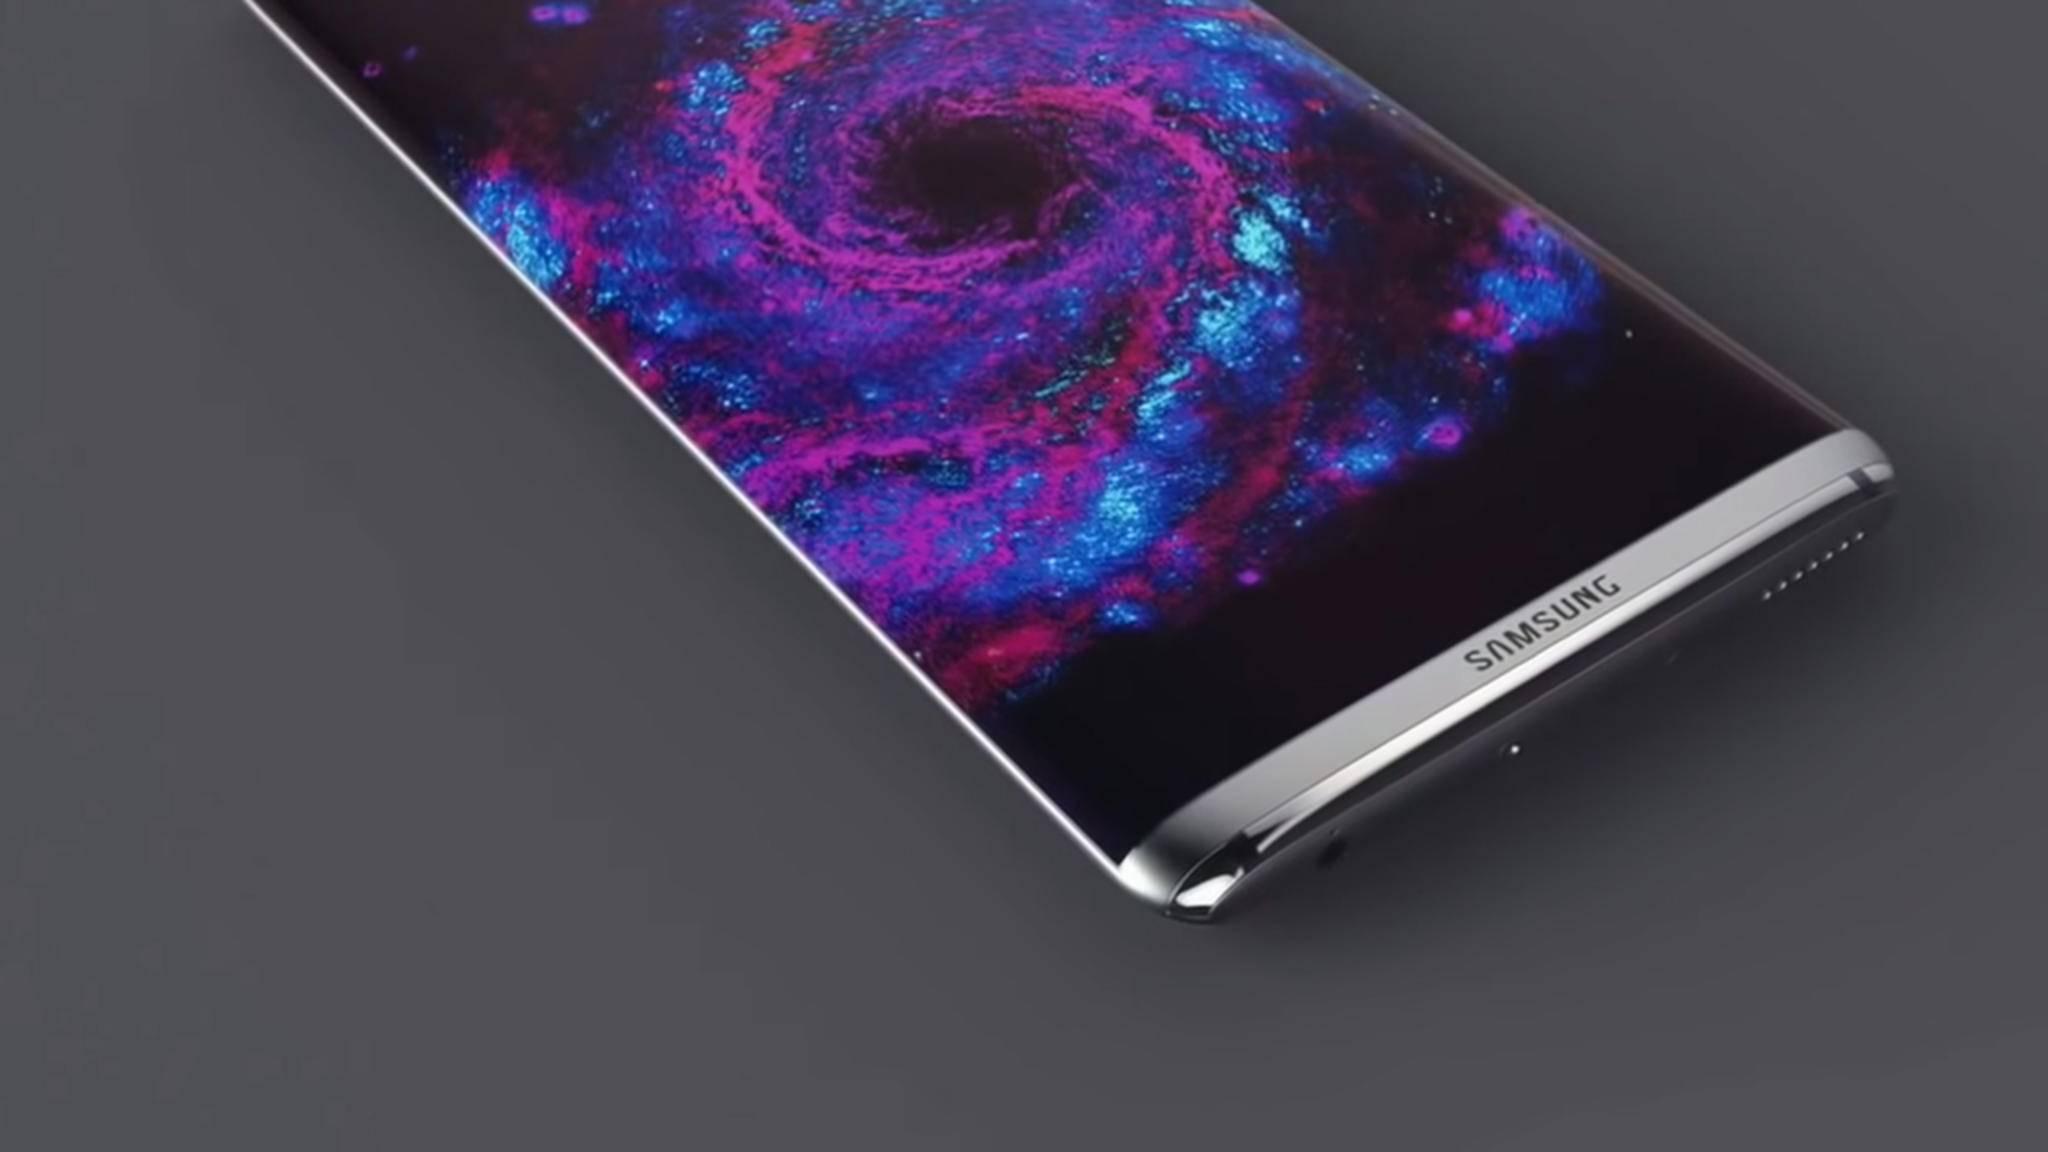 Galaxy S8-Konzepte ja, aber keine Leaks? Die will Samsung mit allen Mitteln verhindern.